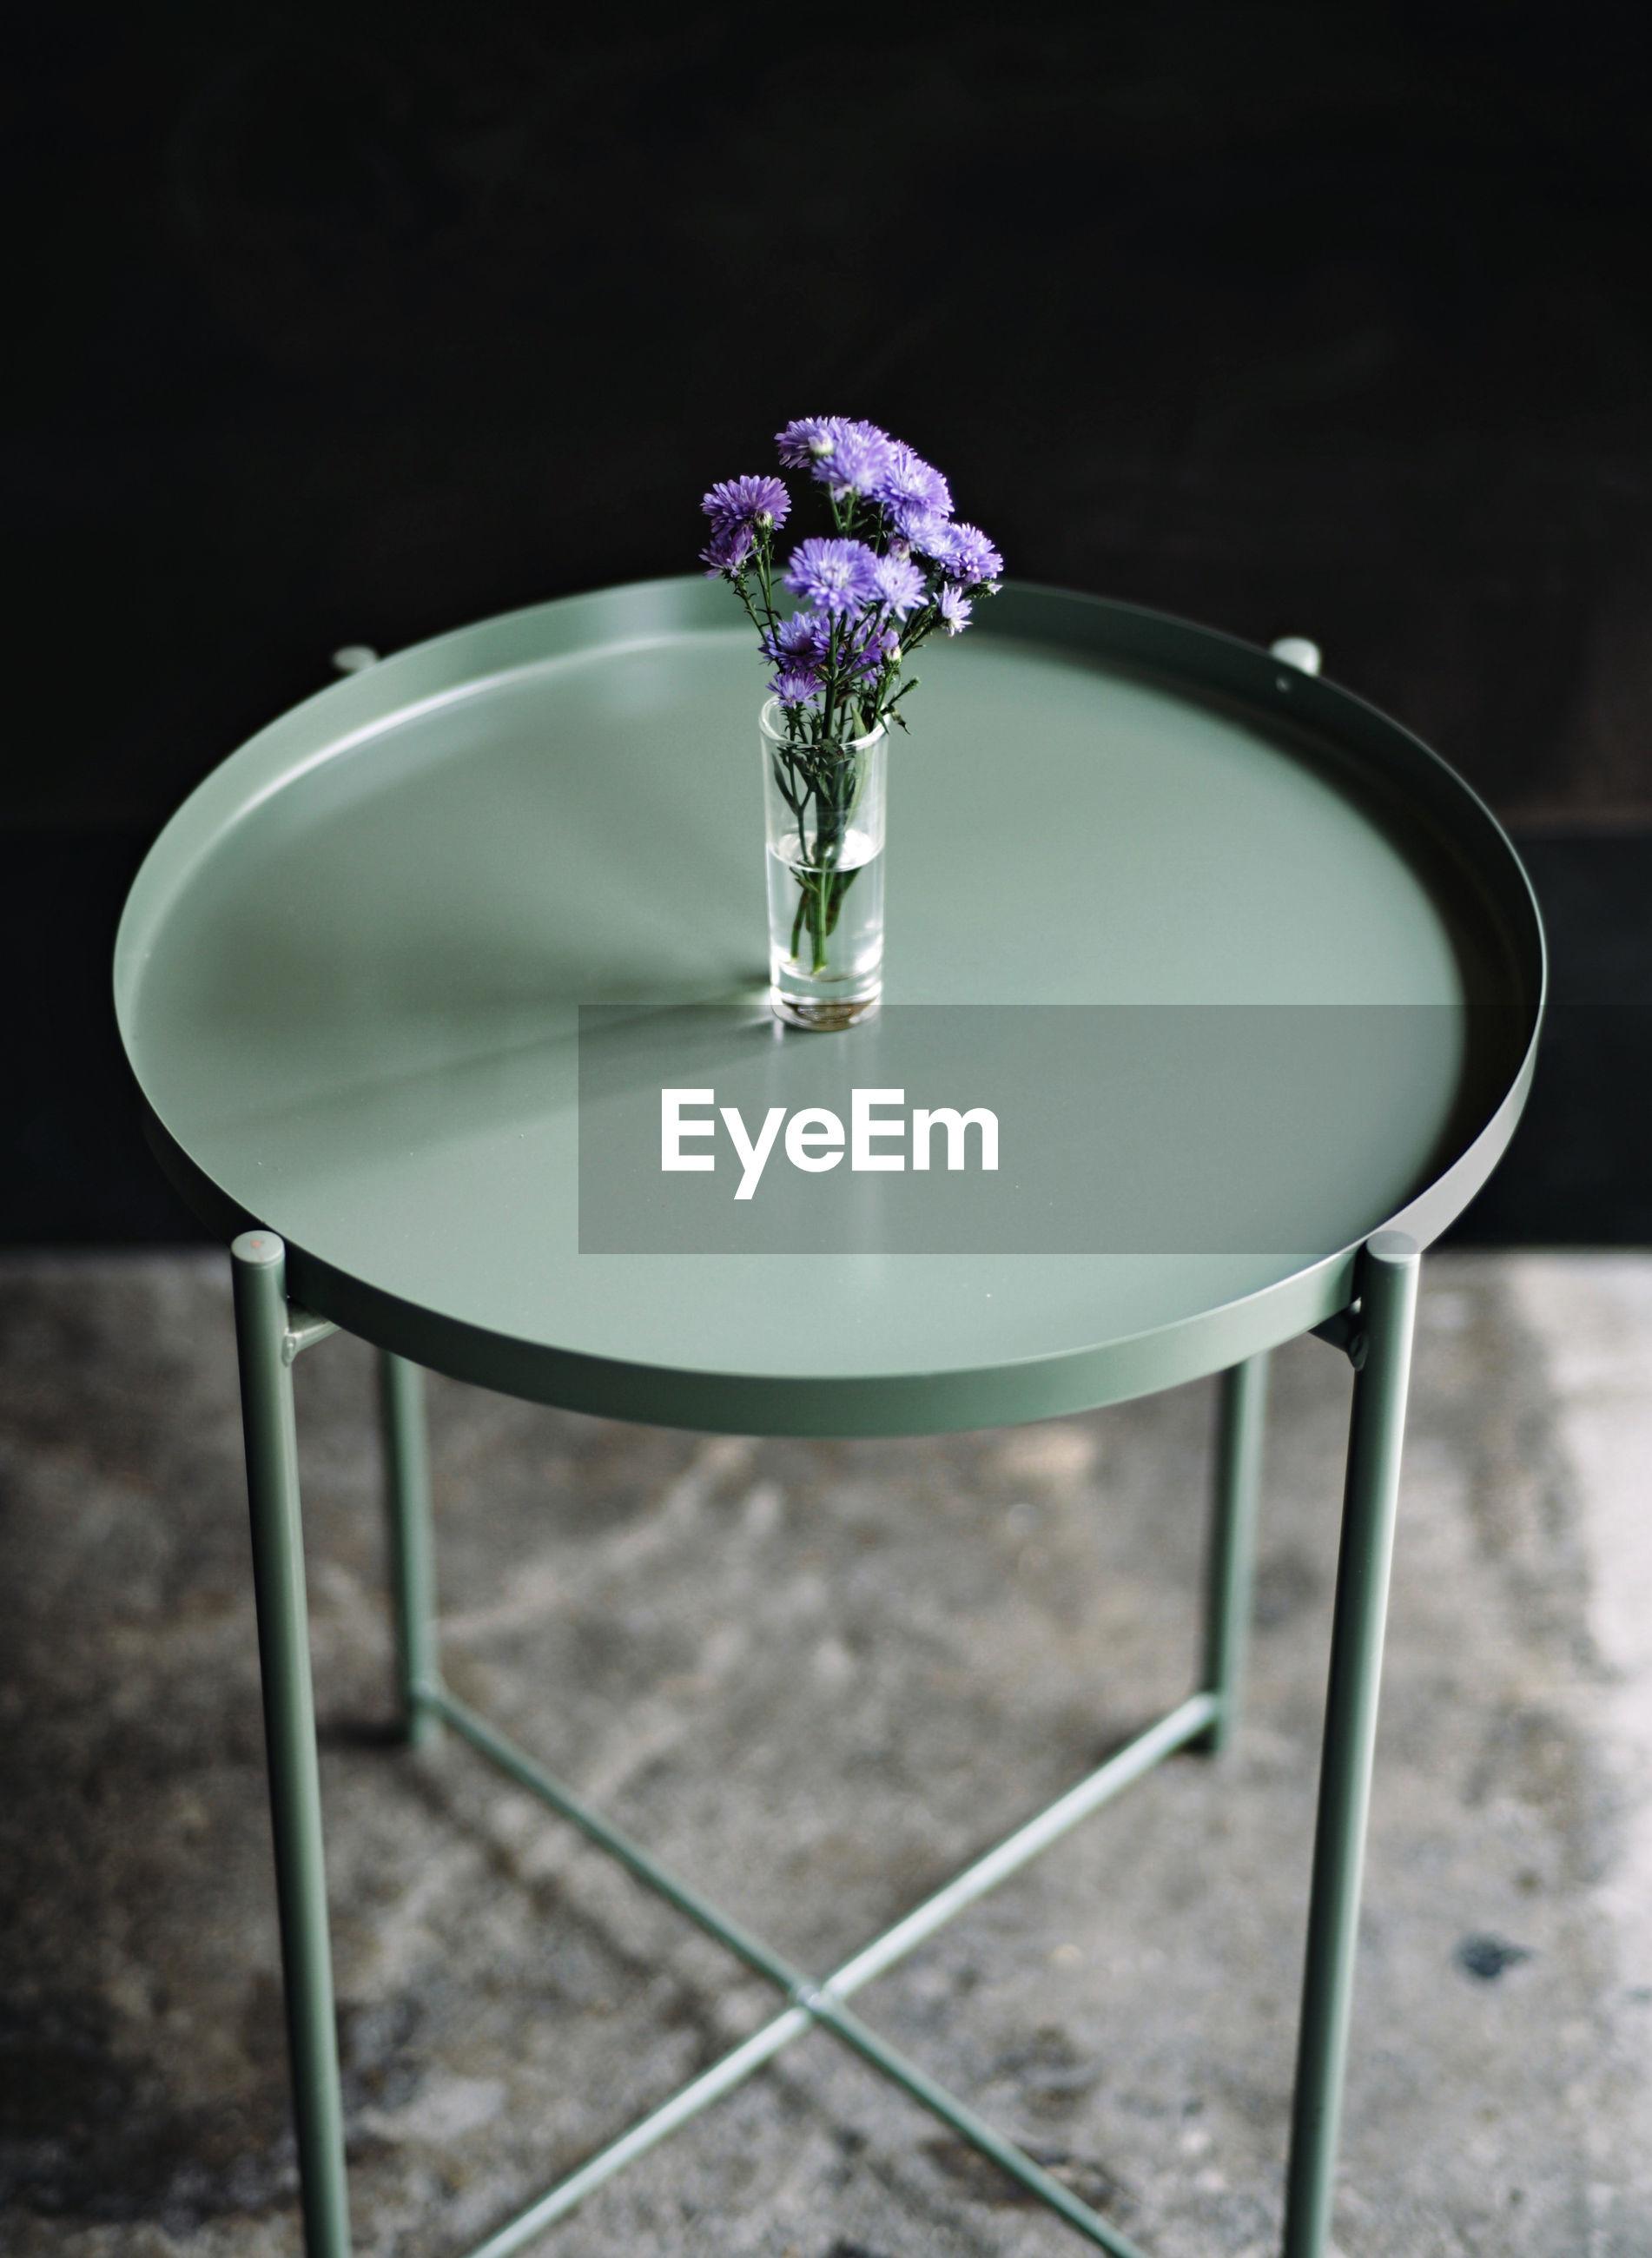 PURPLE FLOWER VASE ON TABLE AGAINST WALL